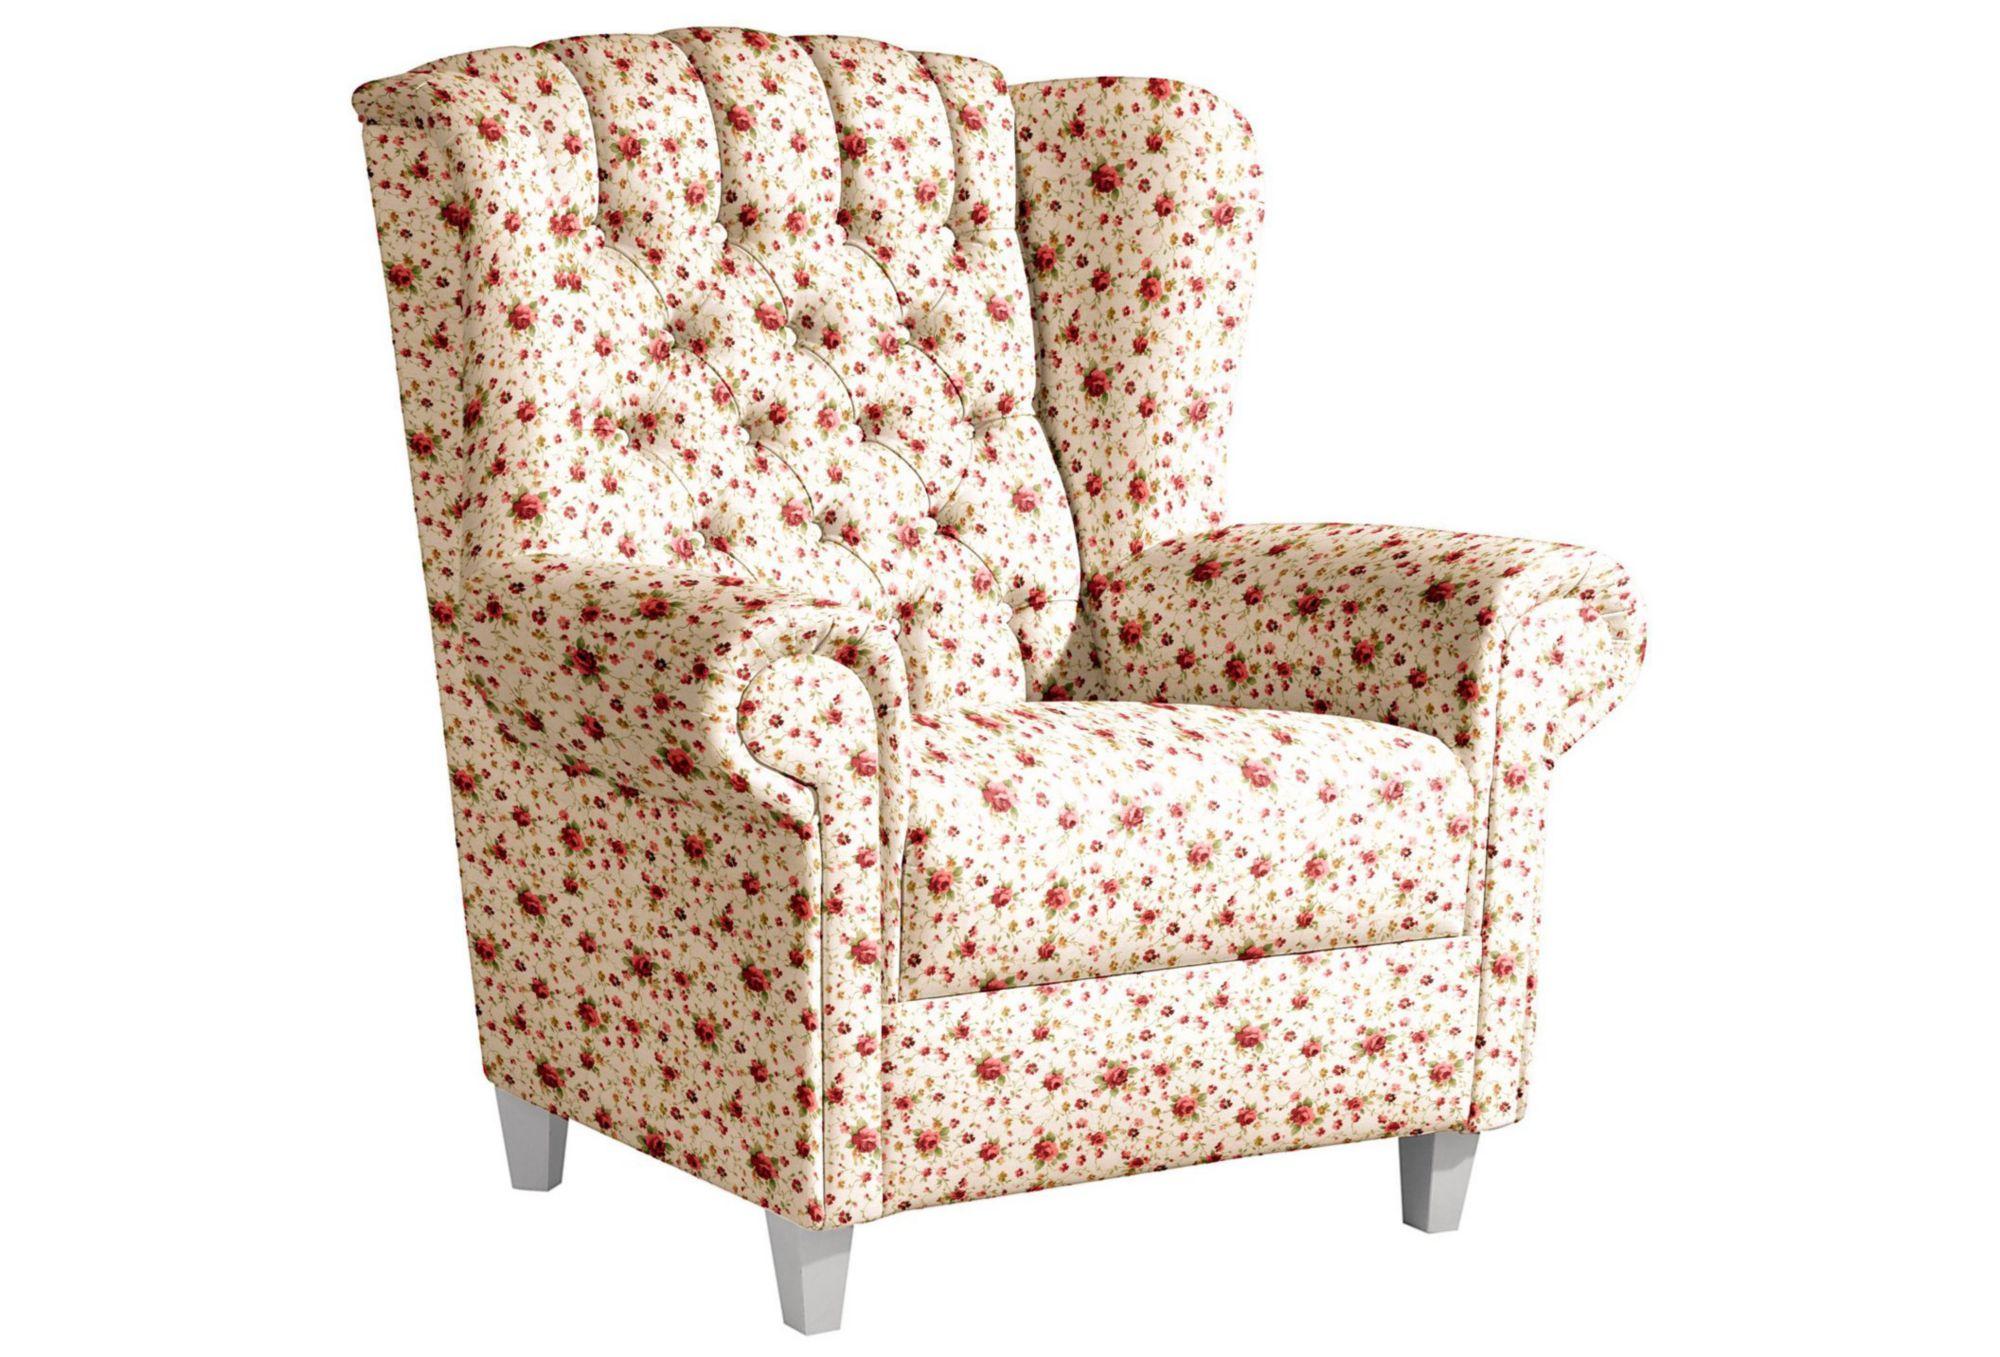 sessel klein g nstig online kaufen beim schwab versand. Black Bedroom Furniture Sets. Home Design Ideas